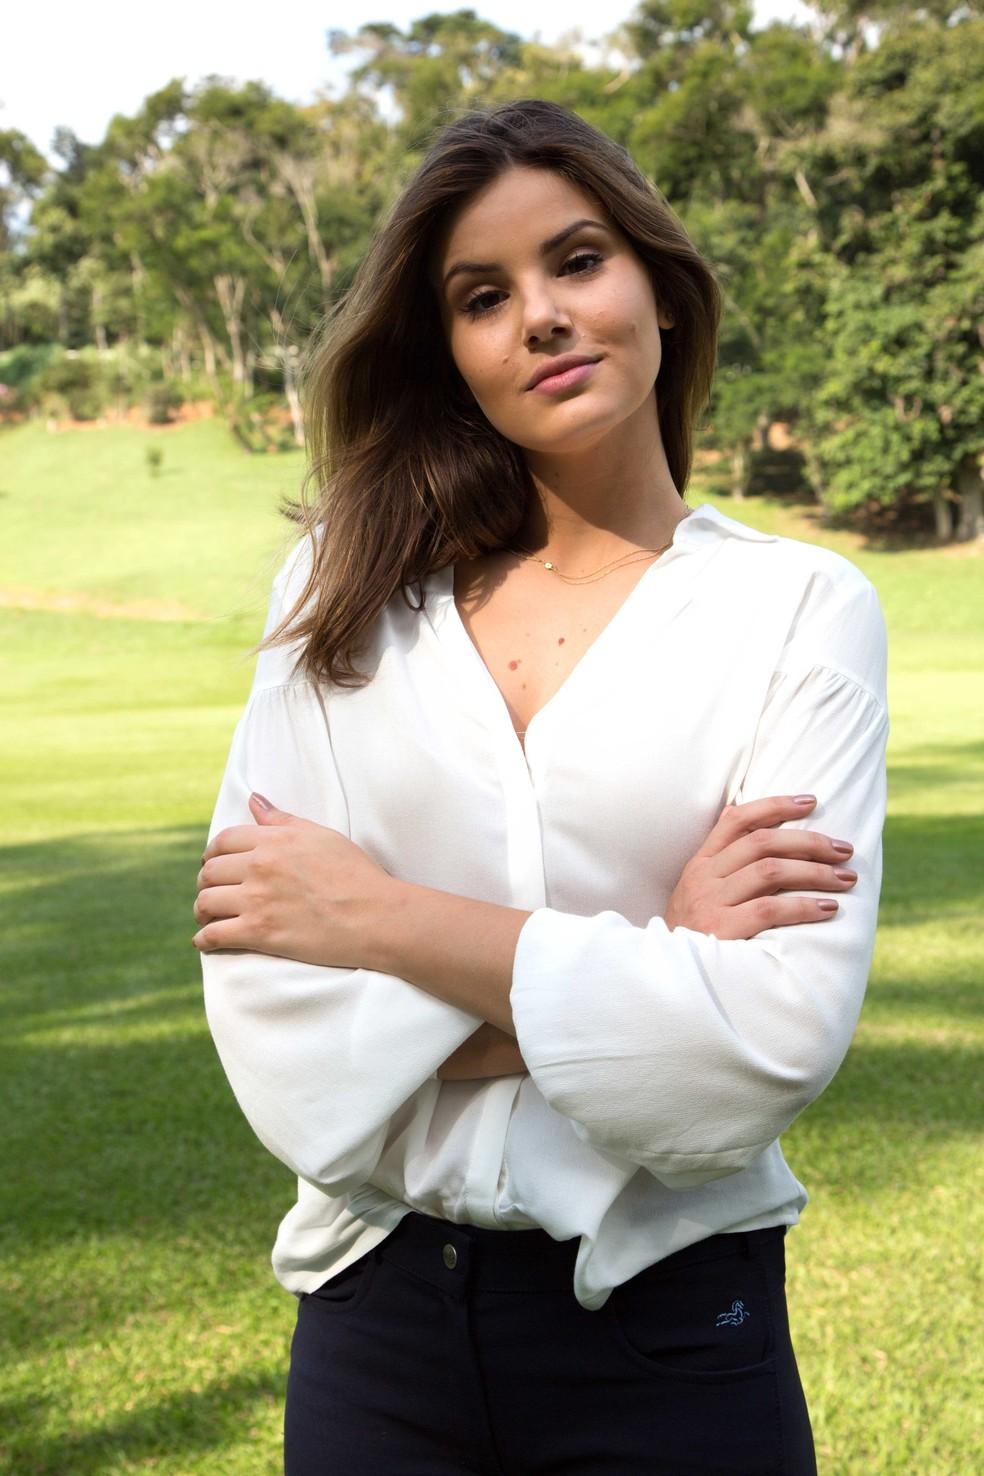 Camila Queiroz posa para as lentes do Gshow caracterizada como Luiza nas gravações em Petrópolis (Foto: Adriana Garcia/Gshow)